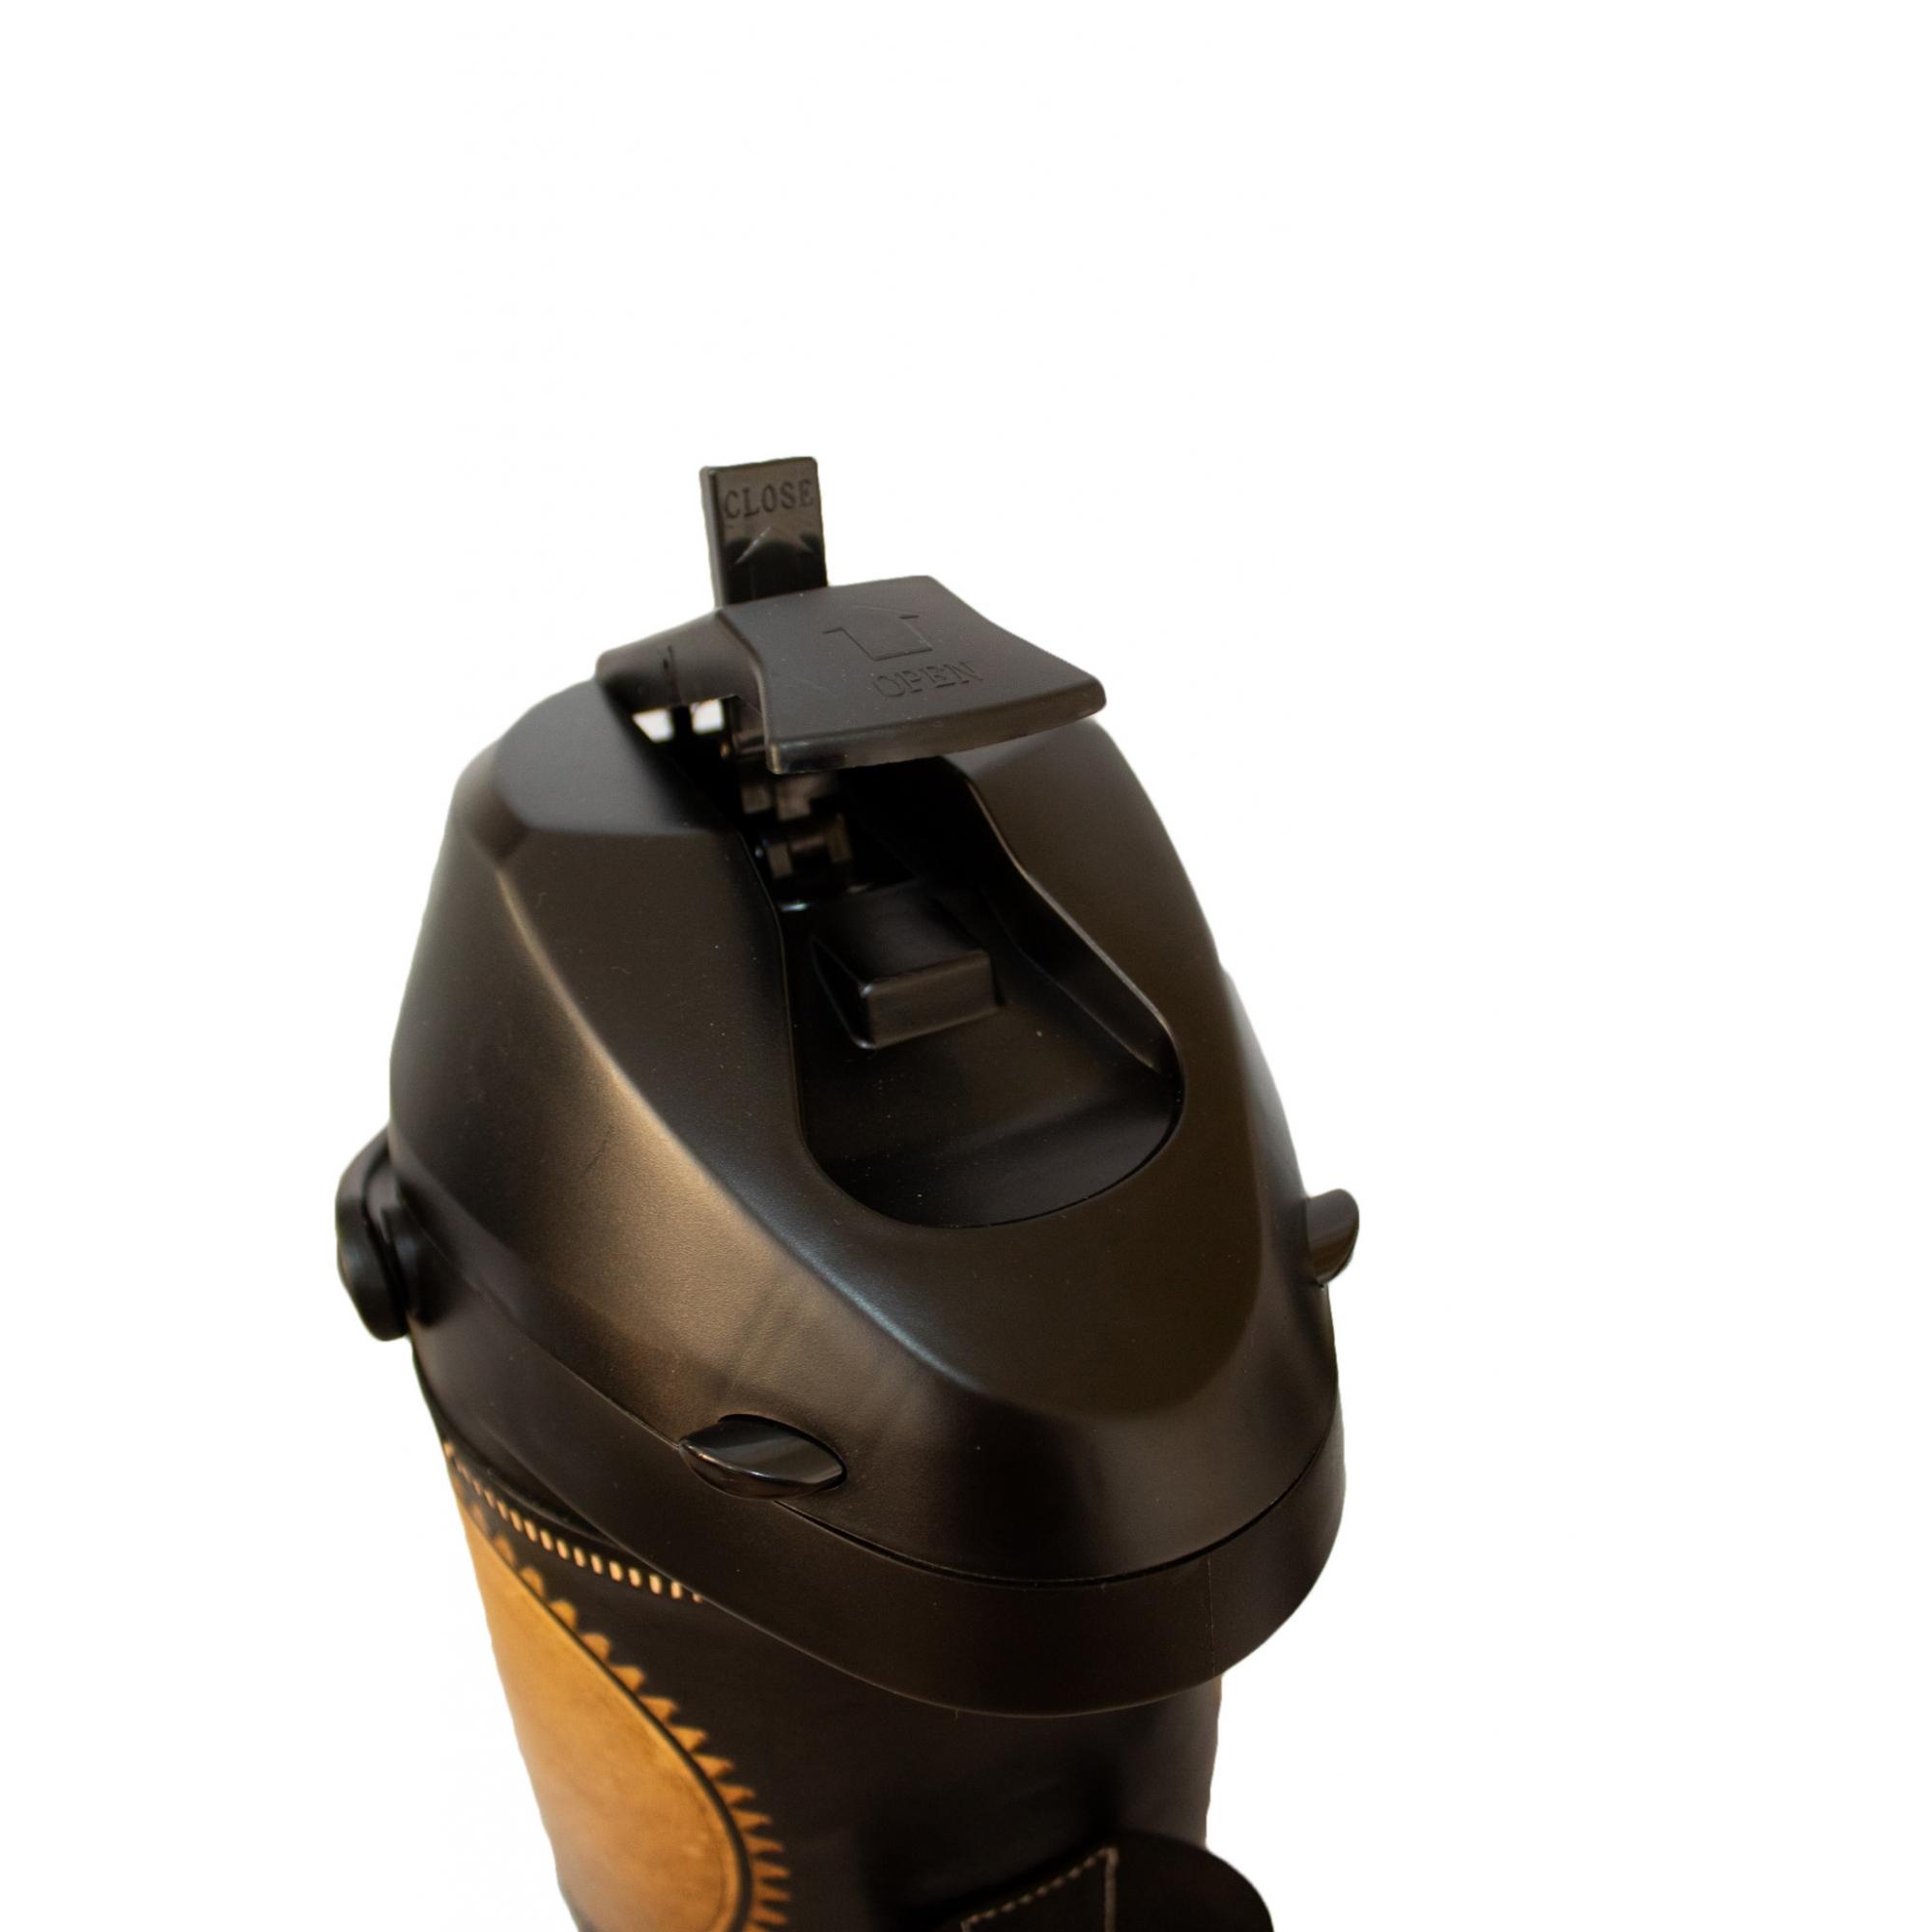 Kit tereré personalizável revestido em couro, copo alumínio, garrafa térmica 2,5 Litros de pressão e bomba inox